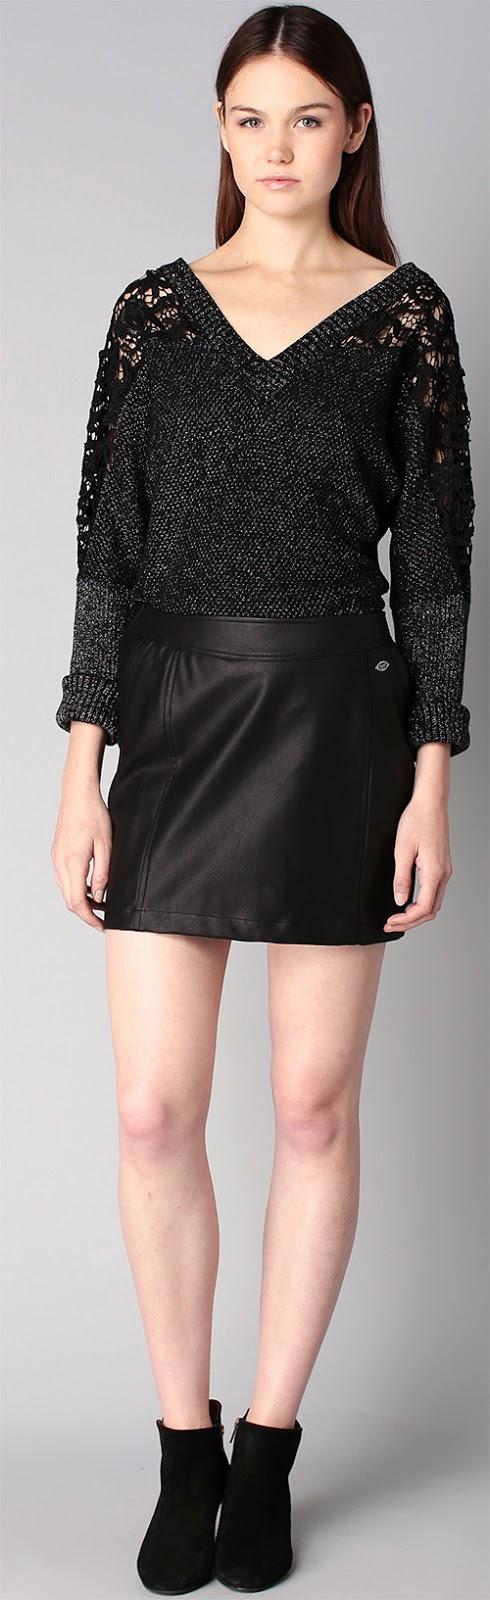 Jupe noire simili cuir Kaporal